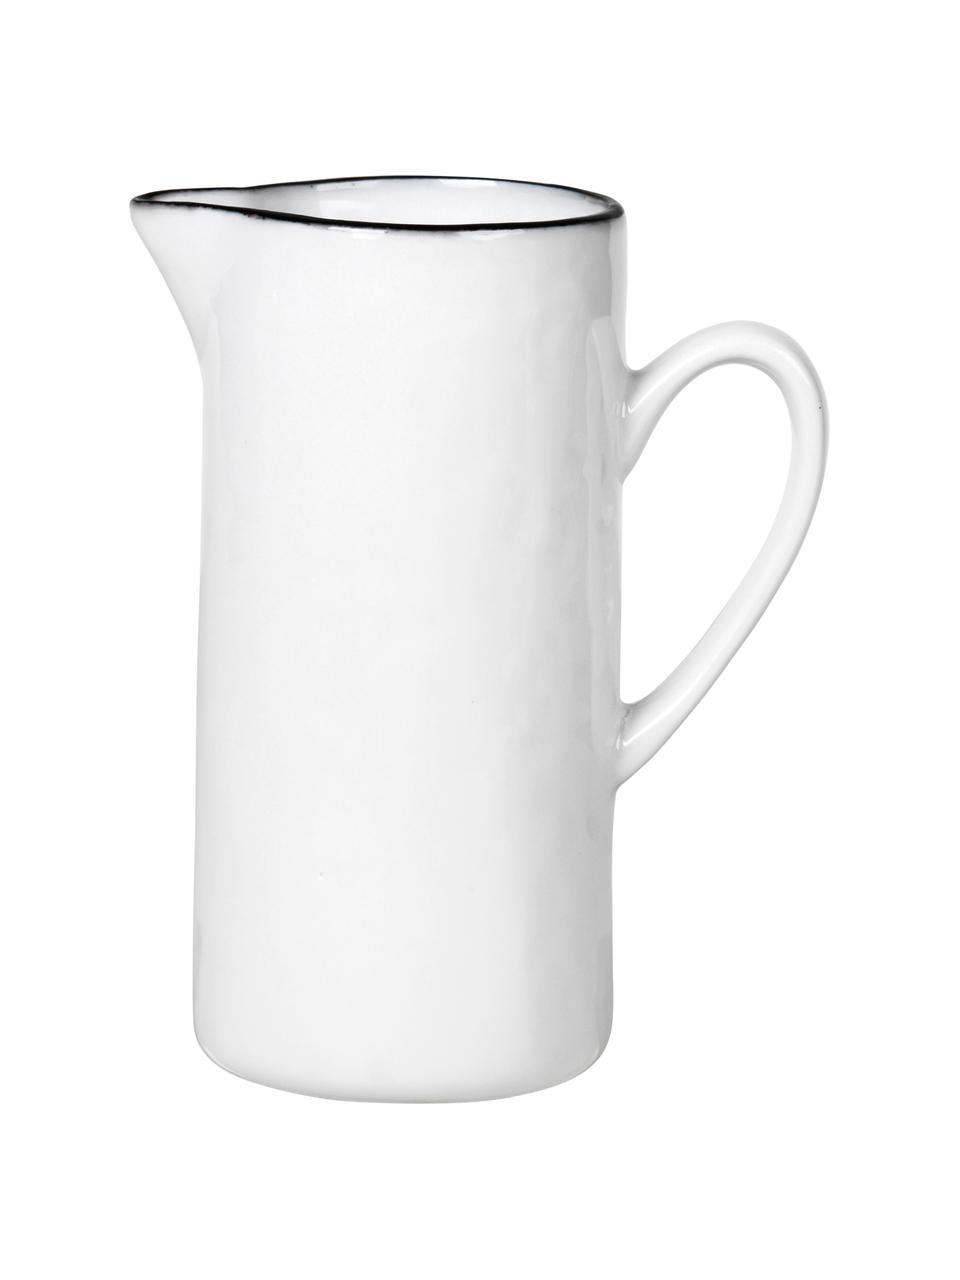 Pot à lait porcelaine avec bord noir Salt, 400 ml, Blanc, noir